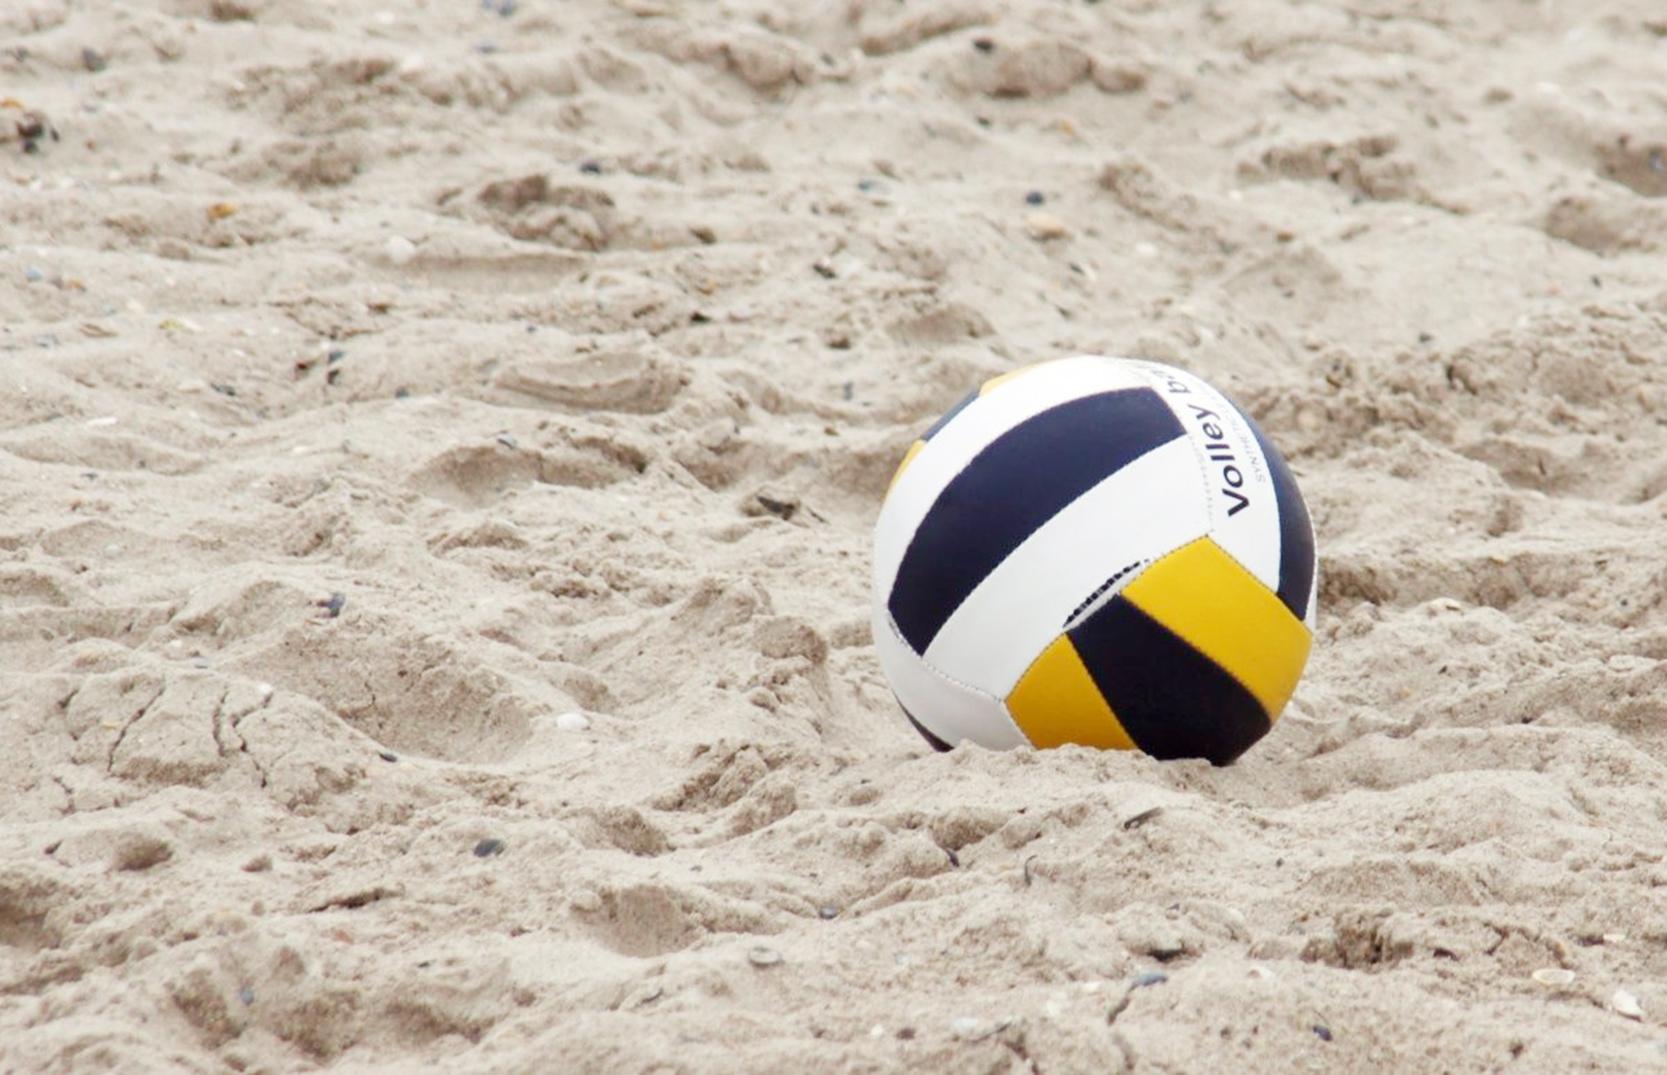 Vôlei de areia terá jogos com equipe mista.